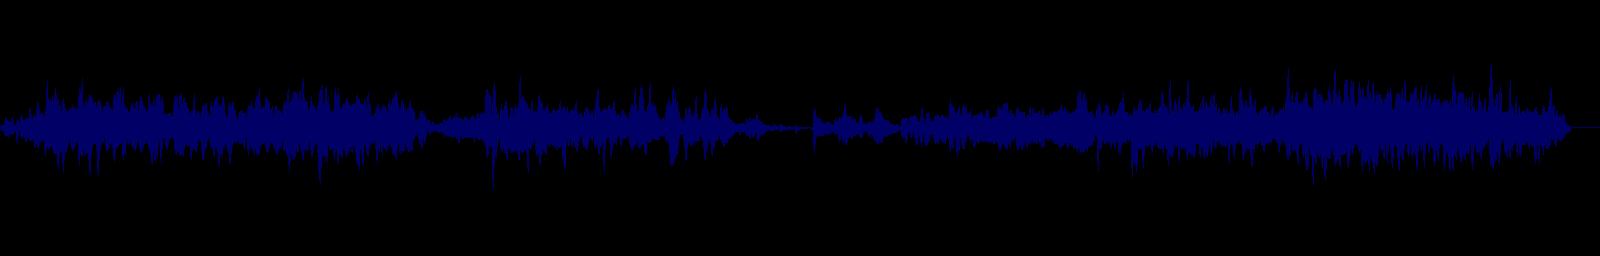 waveform of track #118365